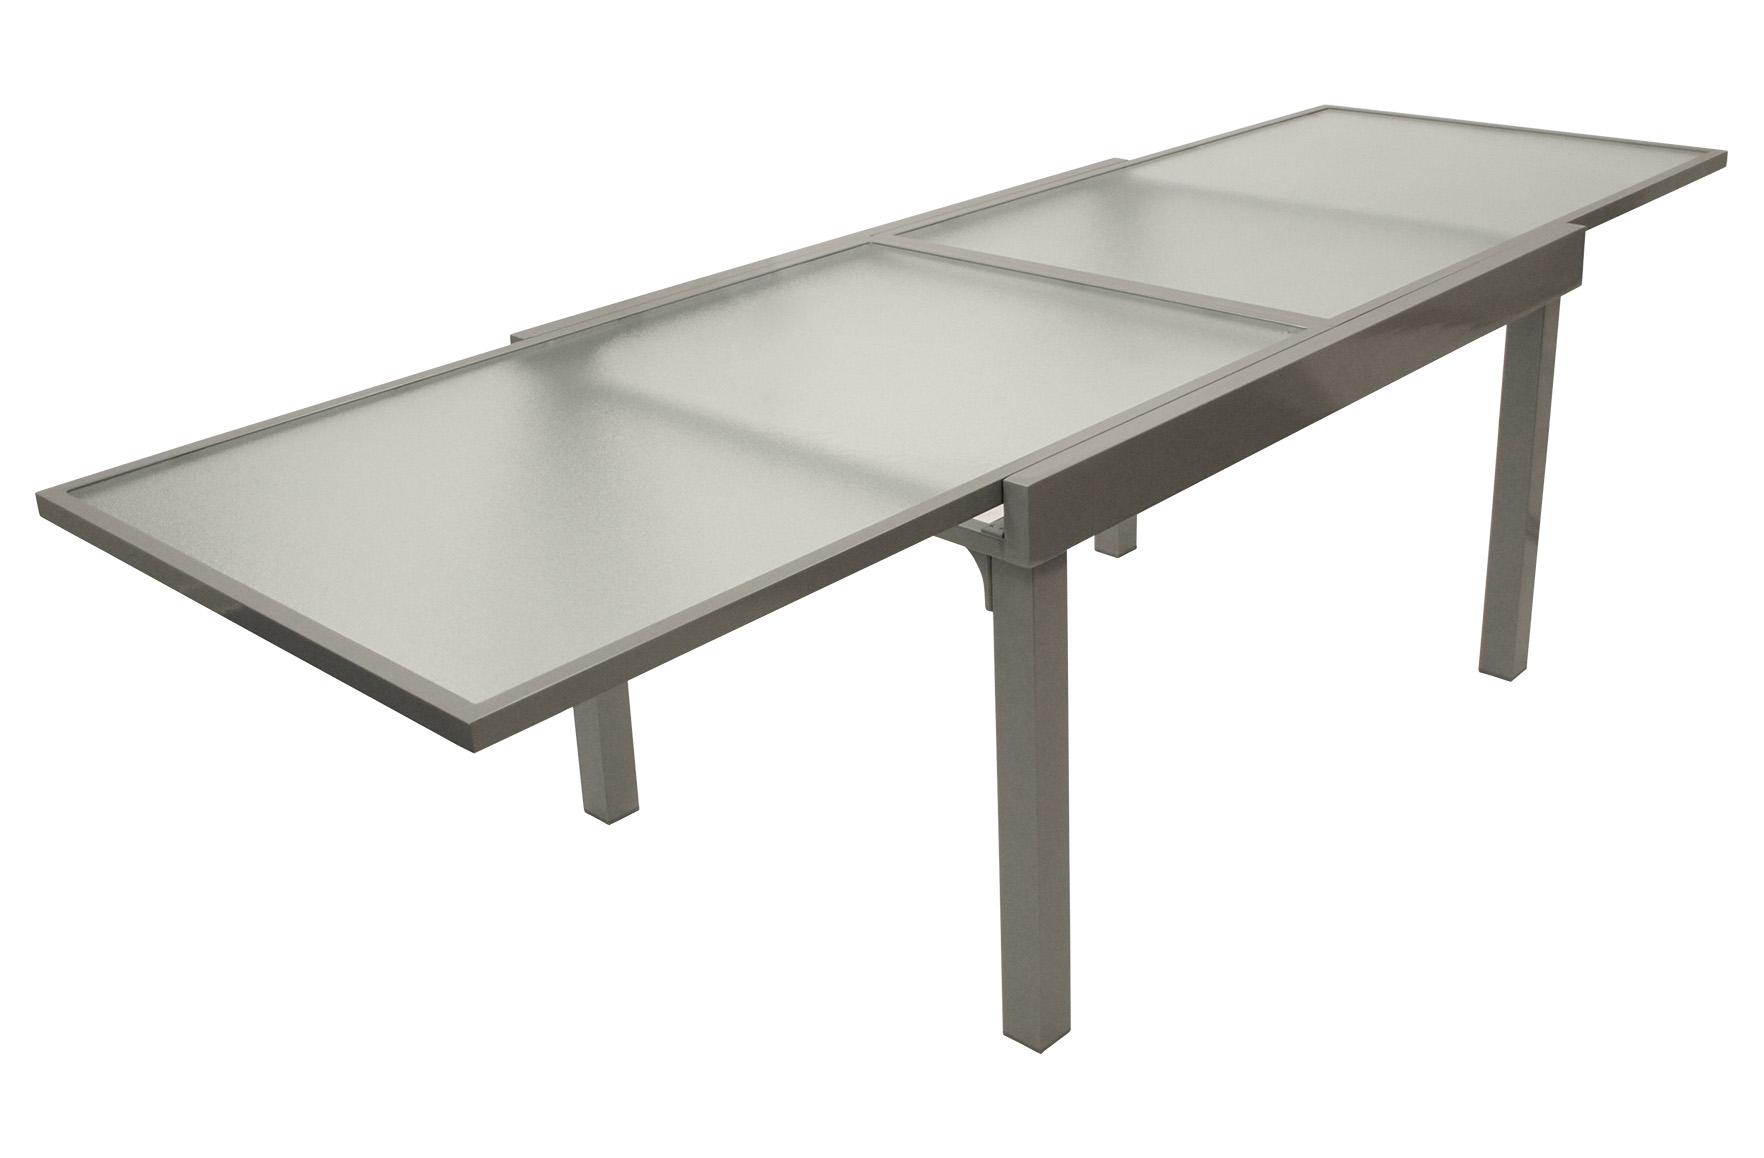 Gartentisch Ausziehtisch Gartenmöbel Tisch Glastisch AMALFI Alu Glas, 90x270cm